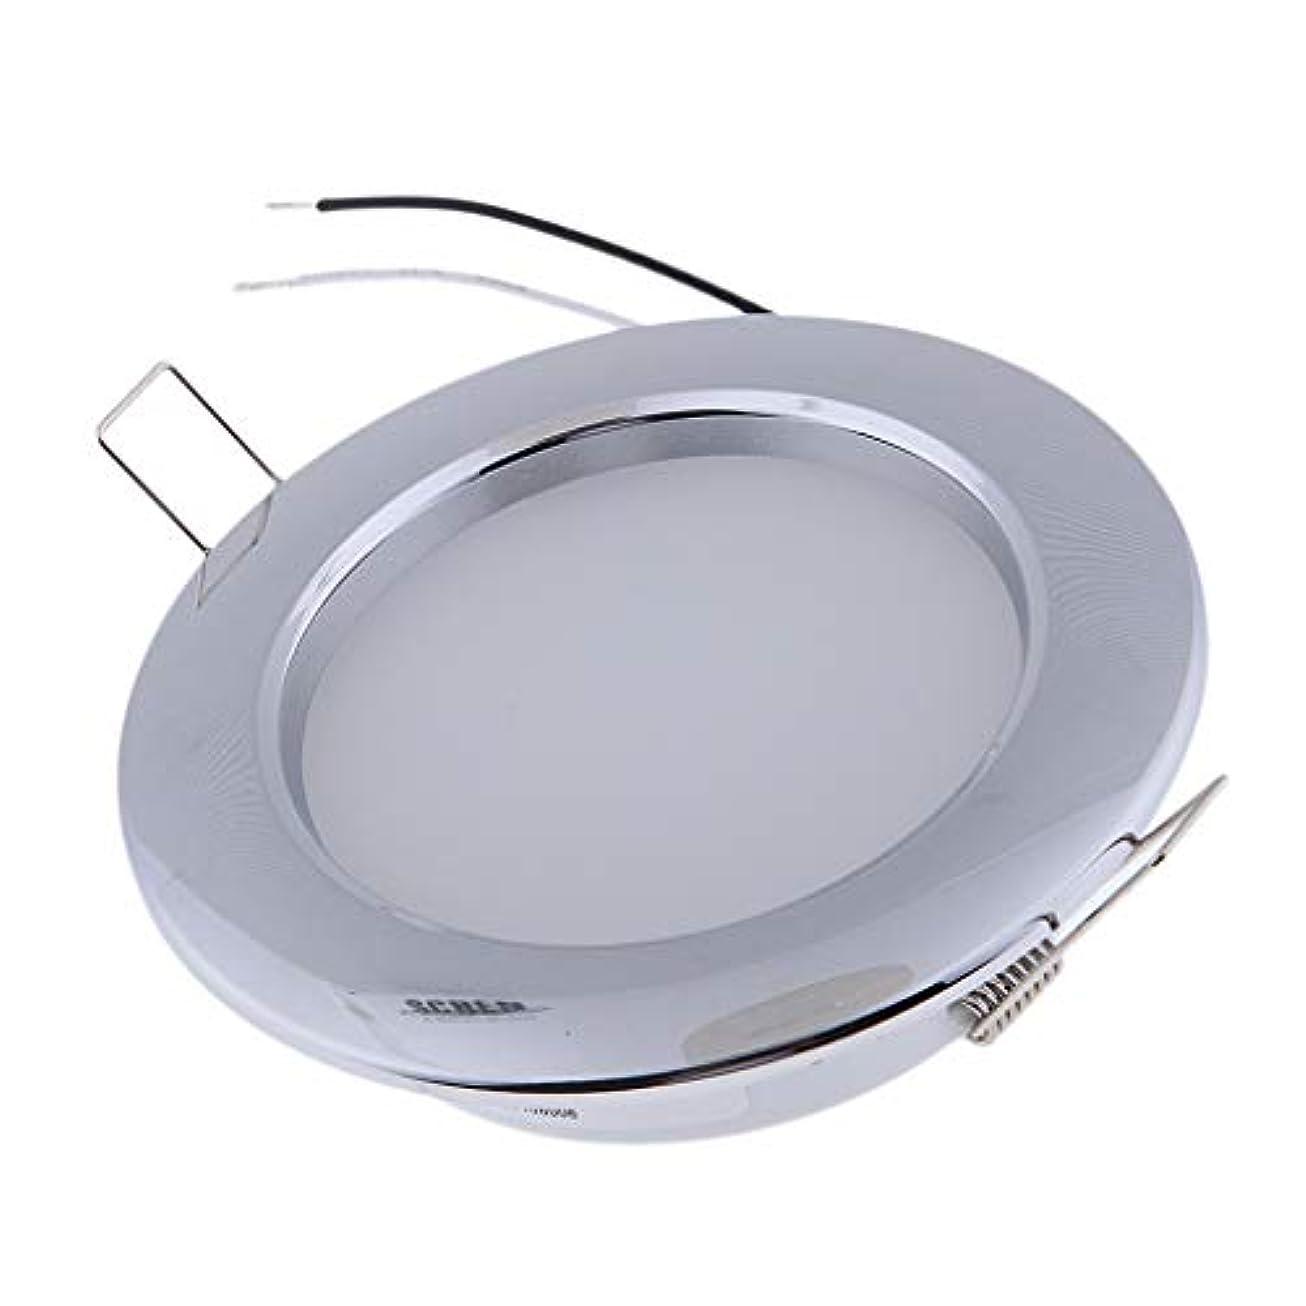 薬局襲撃結果としてF Fityle LEDドームライト LEDシーリングライト LEDパネルライト クローム製 低消費電力